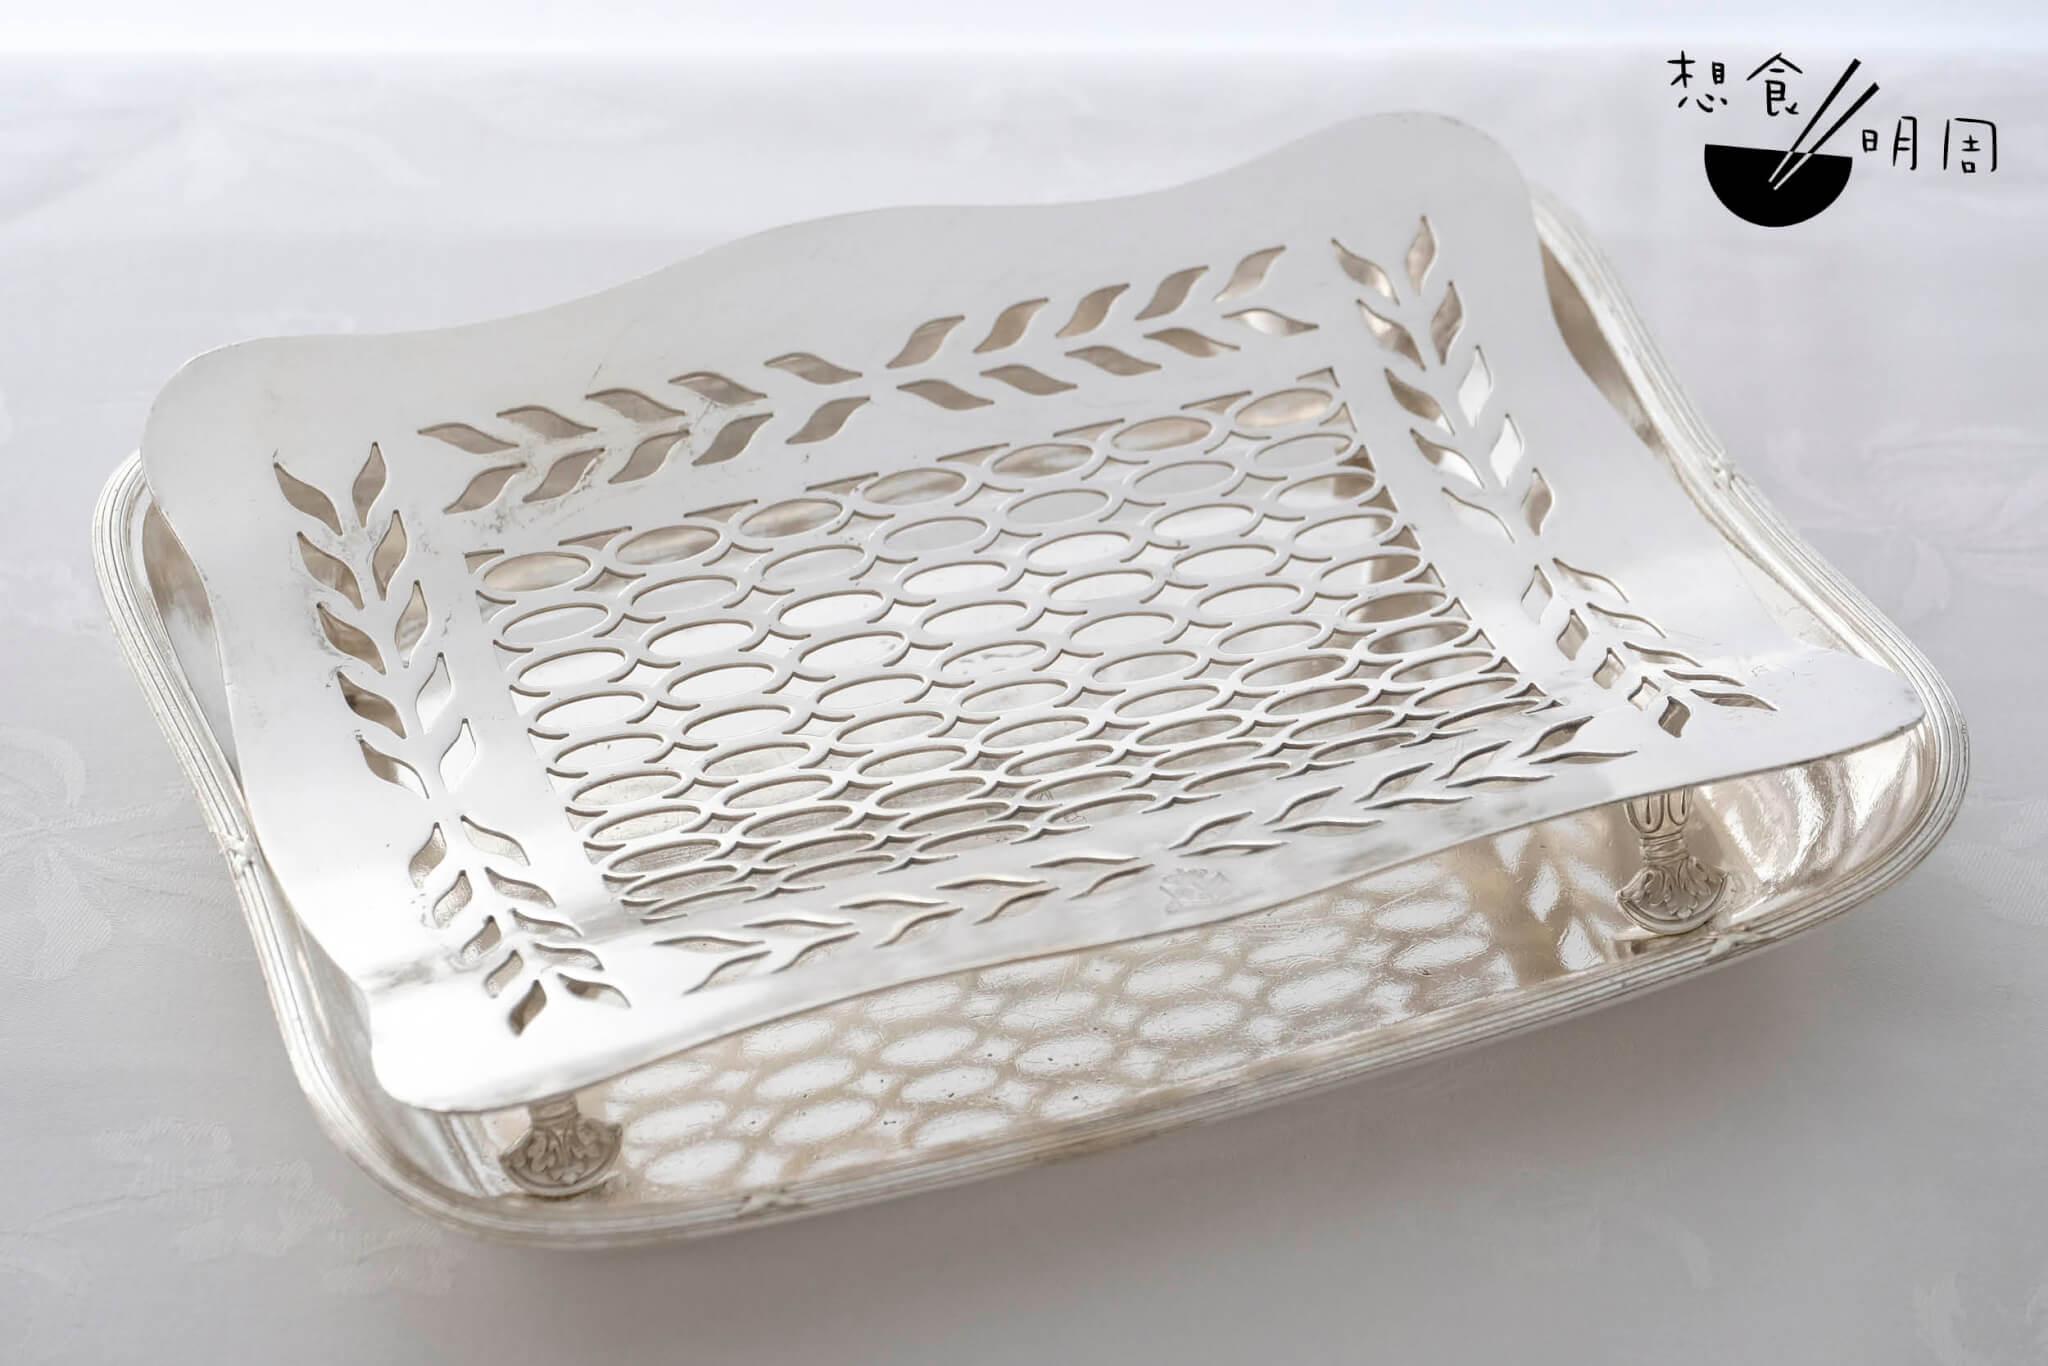 蘆荀碟 // 銀碟如像蒸架,又貌似晾乾熱食之器具,實在難以想像是為蘆荀而設。